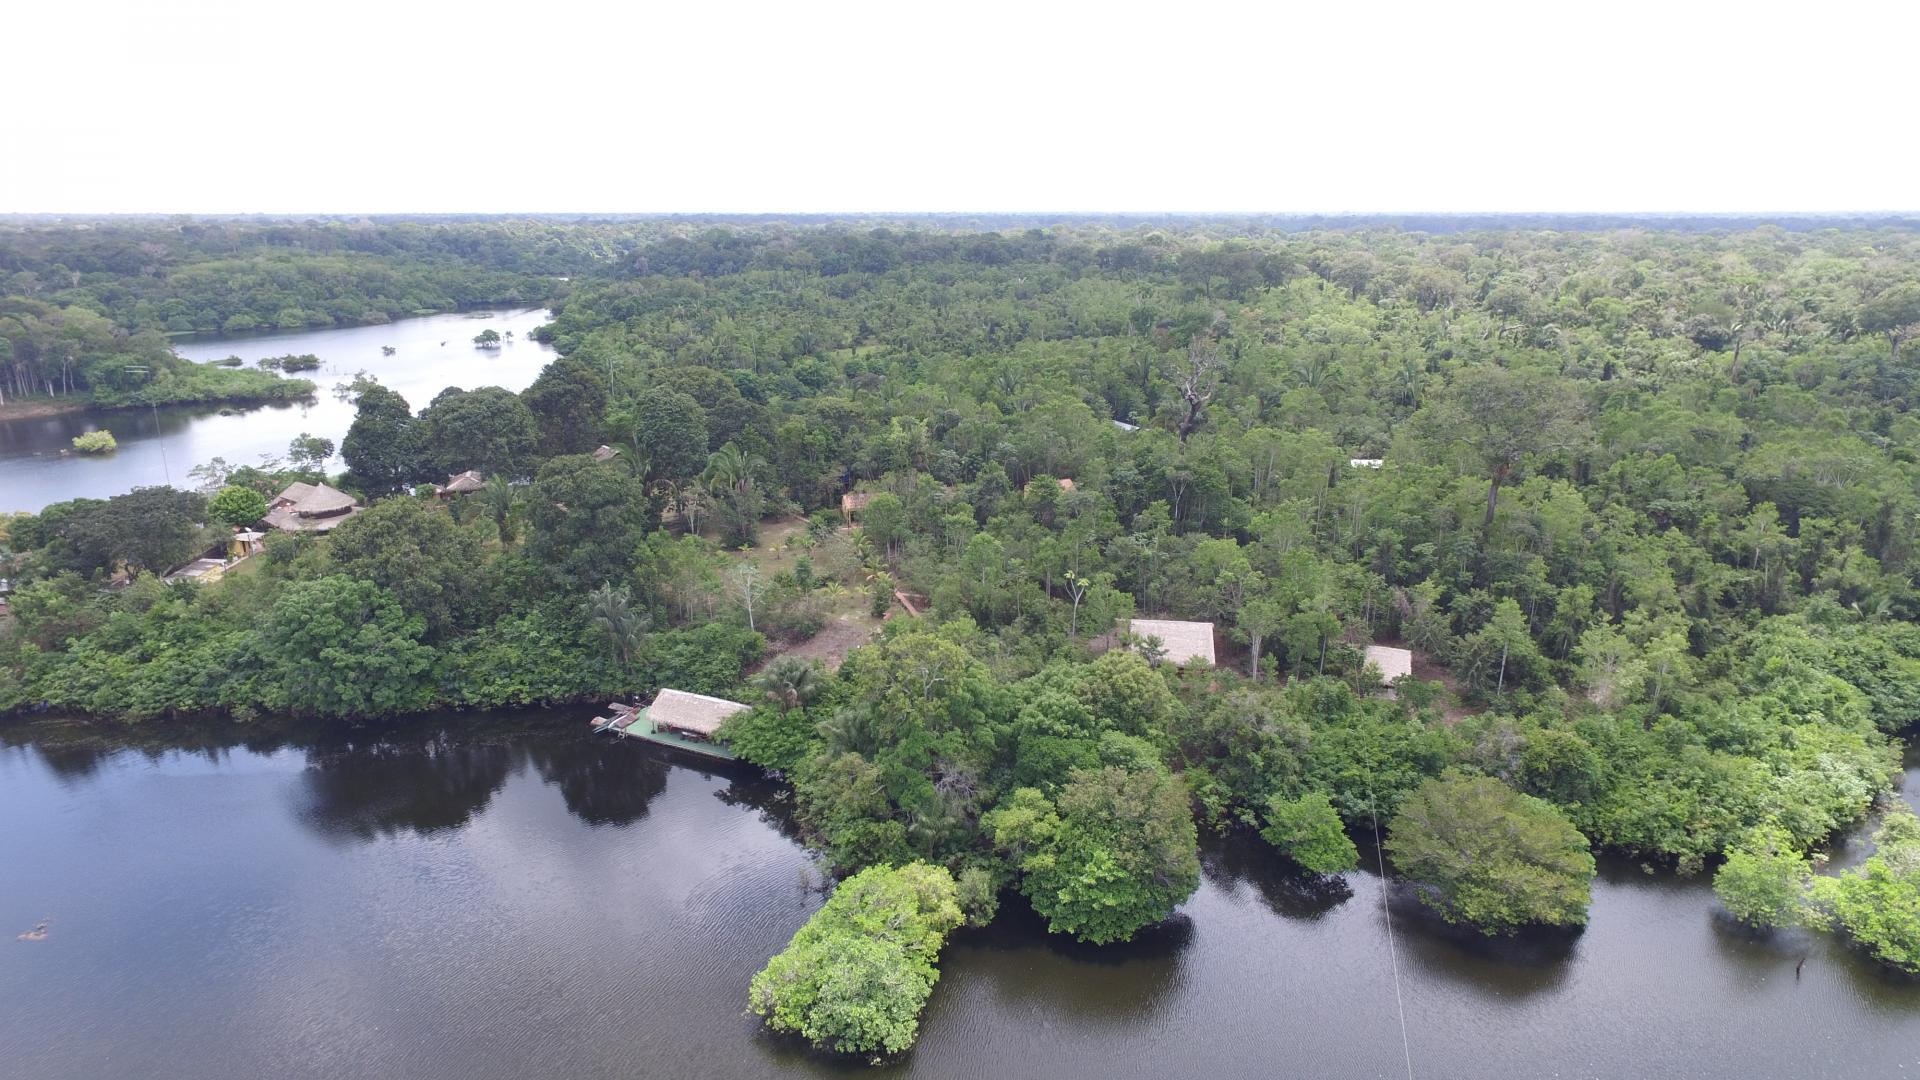 Brasilien Amazonasgebiet: 4 Tage Reisebaustein - Turtle Lodge Pupunha Paket: Drohnenbild des Dschungels